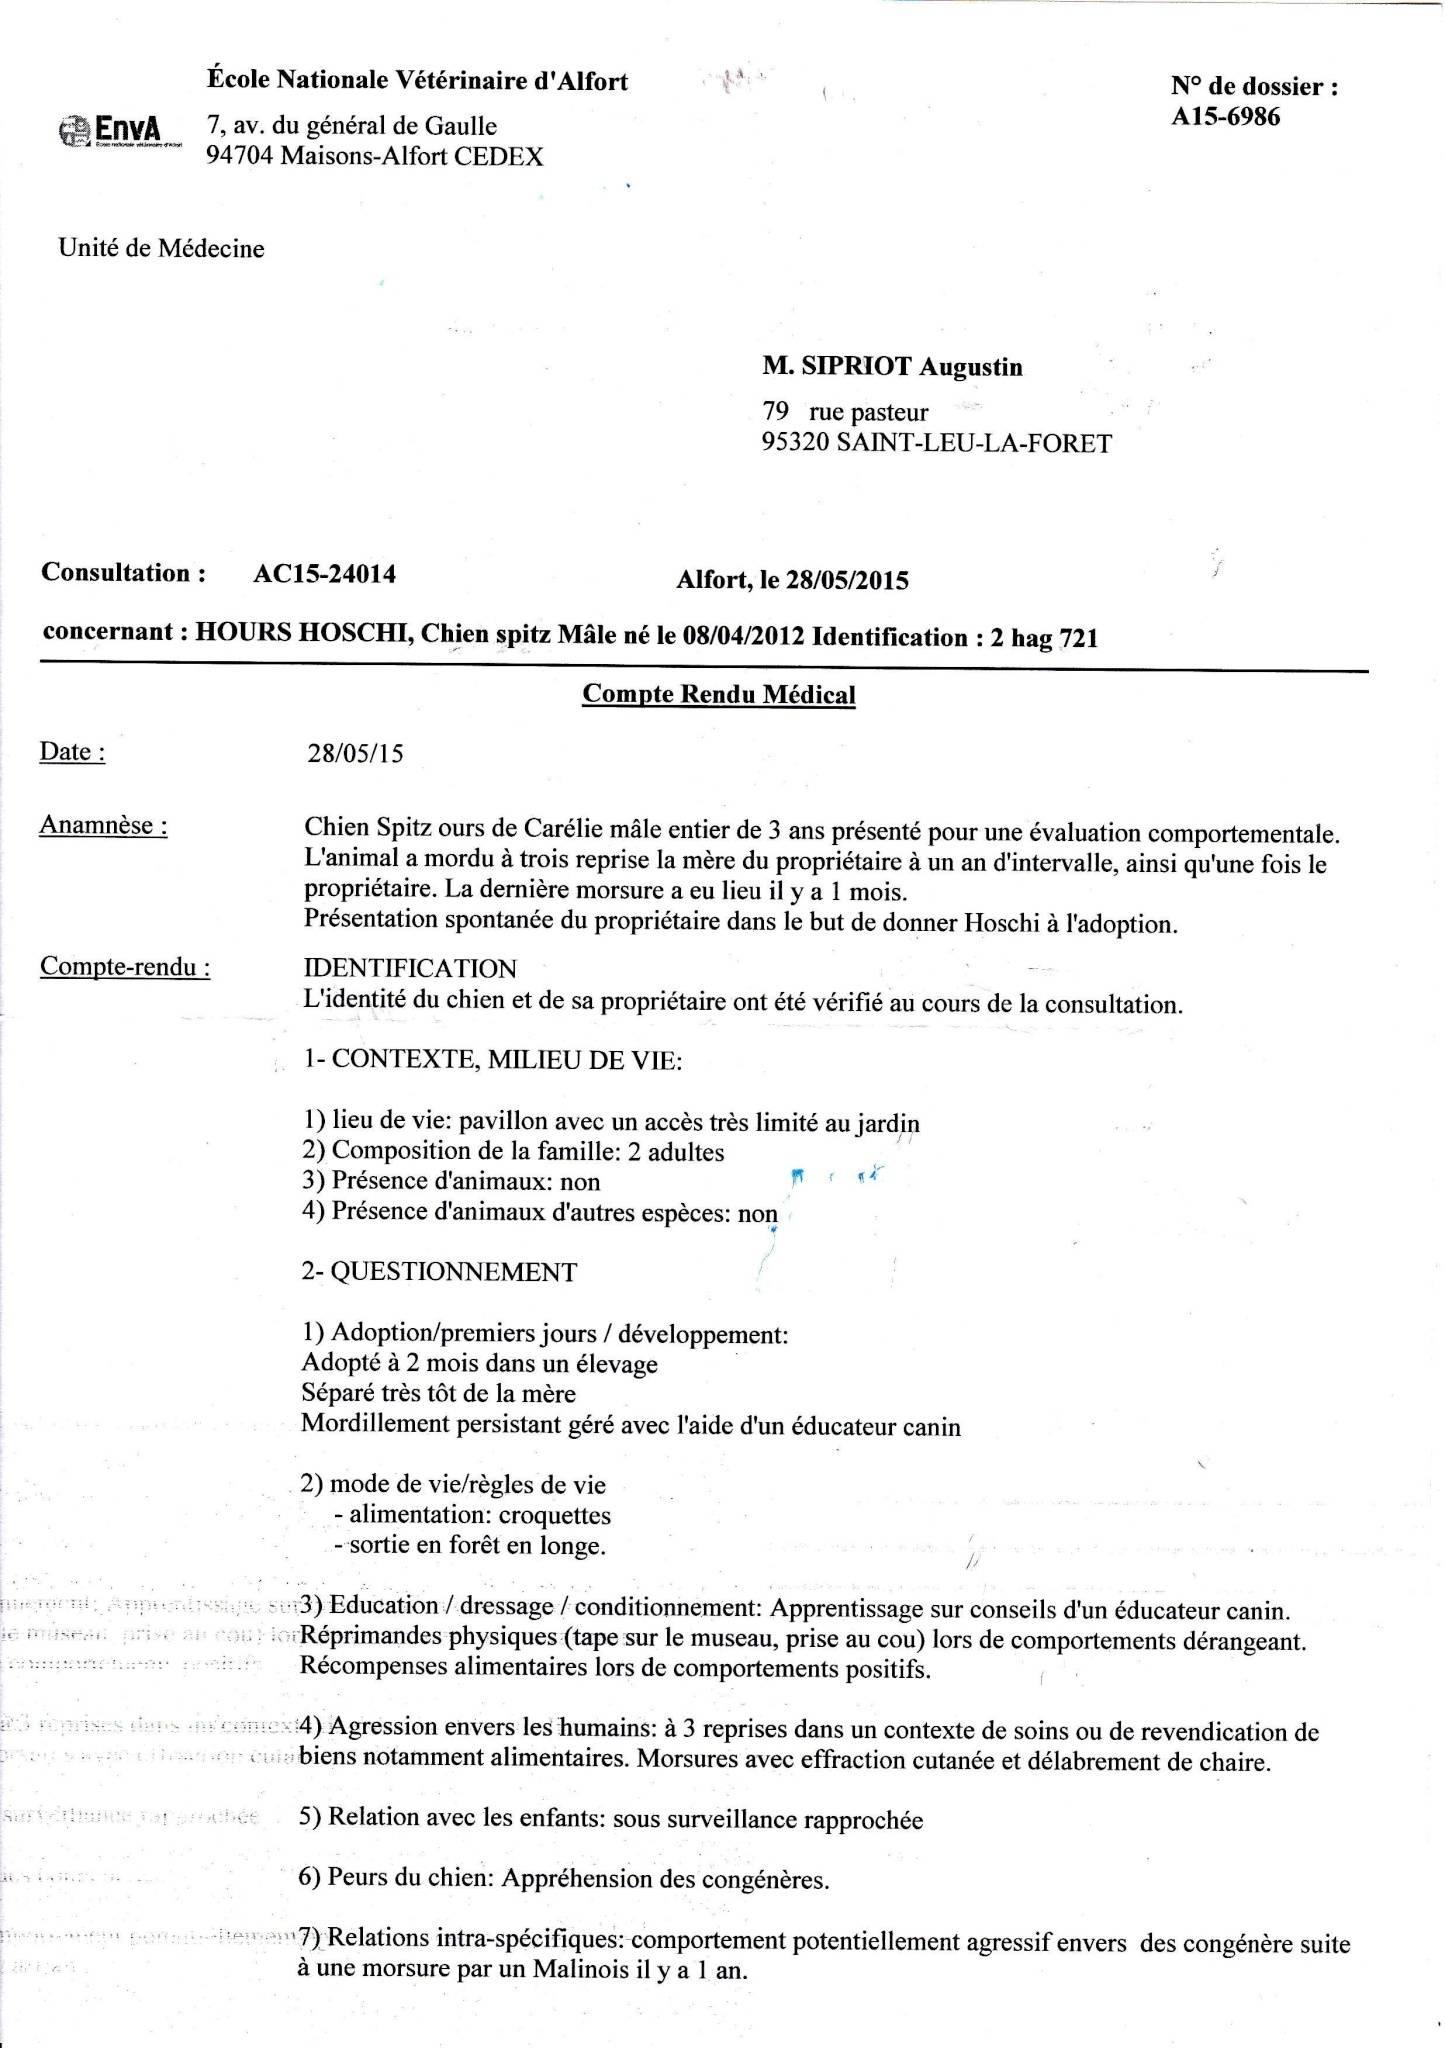 Urgent Hoshi Chien d'ours de Carelie 3 ans pas de chats PART95 Sans_t10